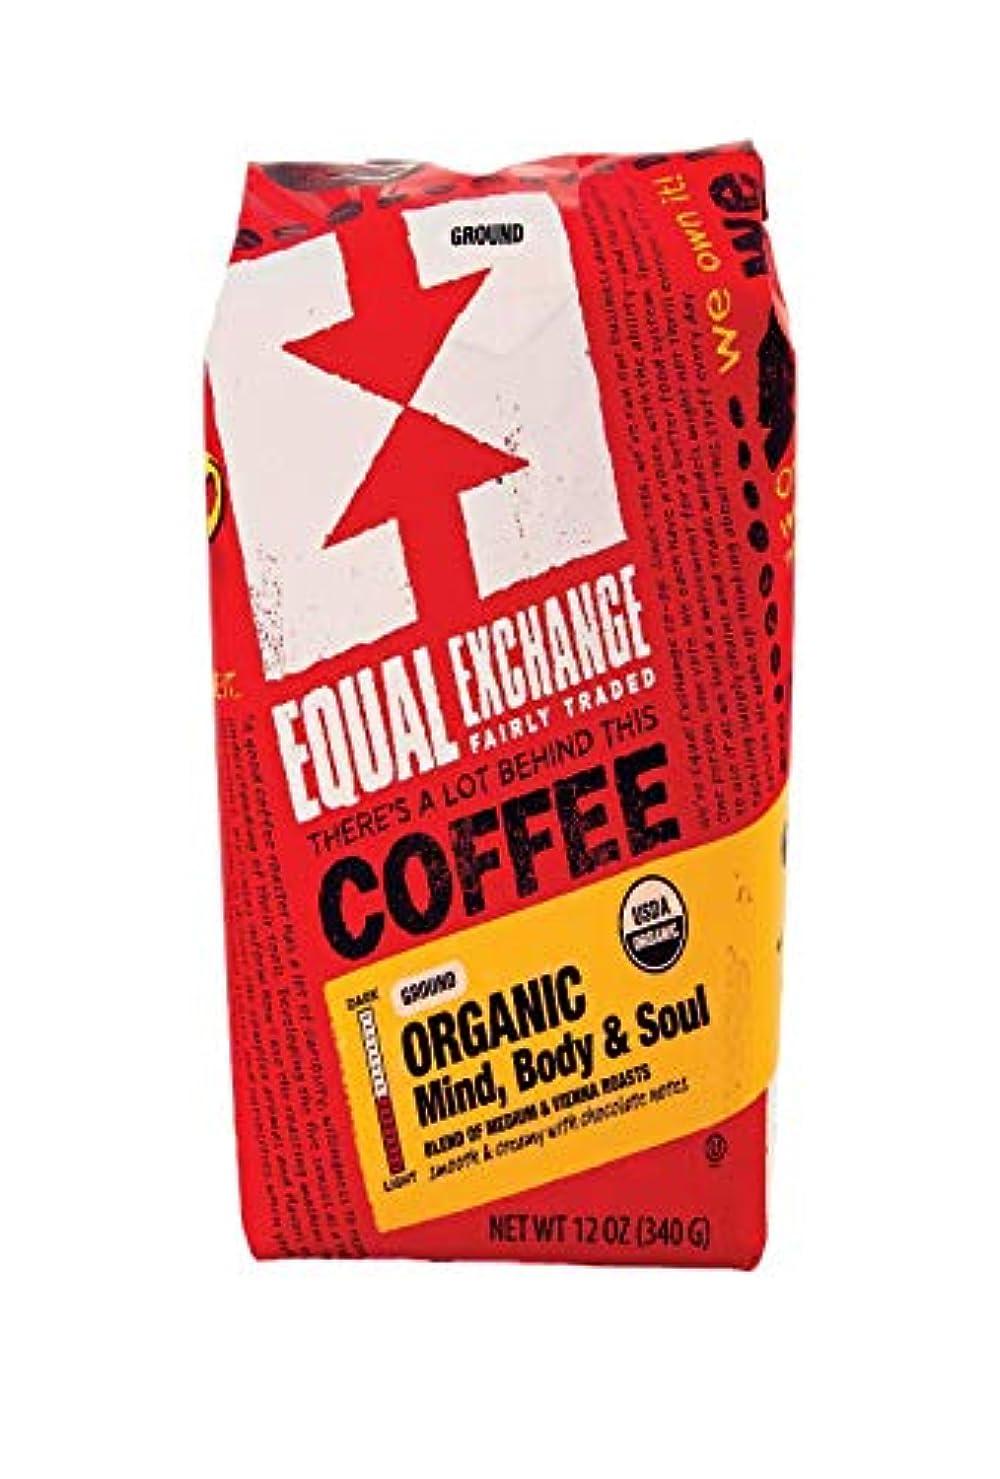 サロン絡まるブラストEqual ExchangeオーガニックMind Body & SoulコーヒーGround Medium Roast – - 12 oz